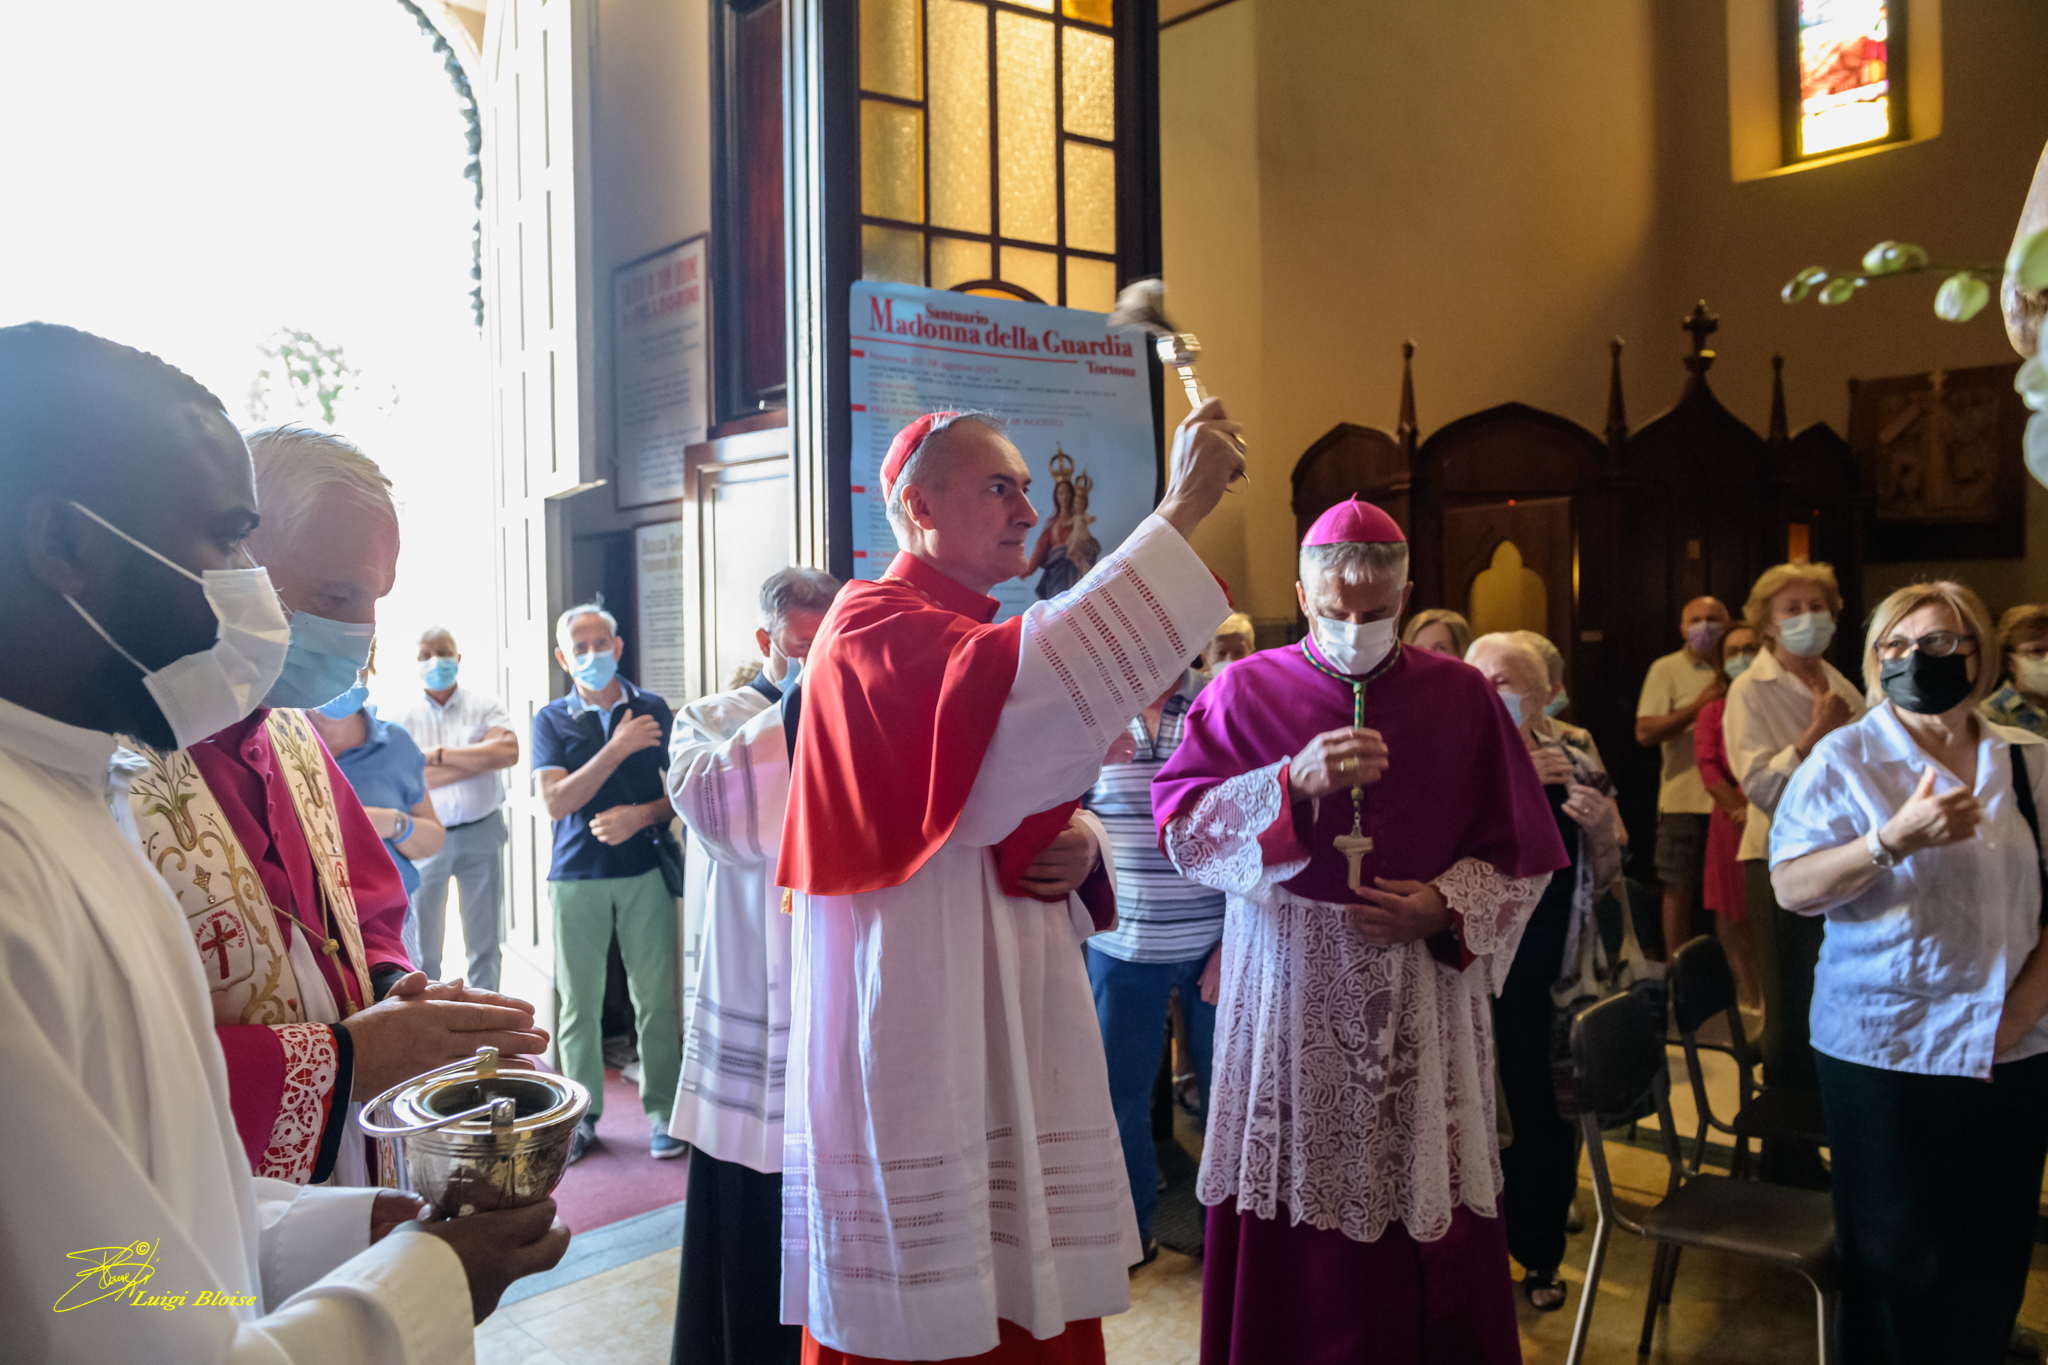 29-agosto-2021-pontificale-10.30-MdG-–-FOTO_mdg_-20